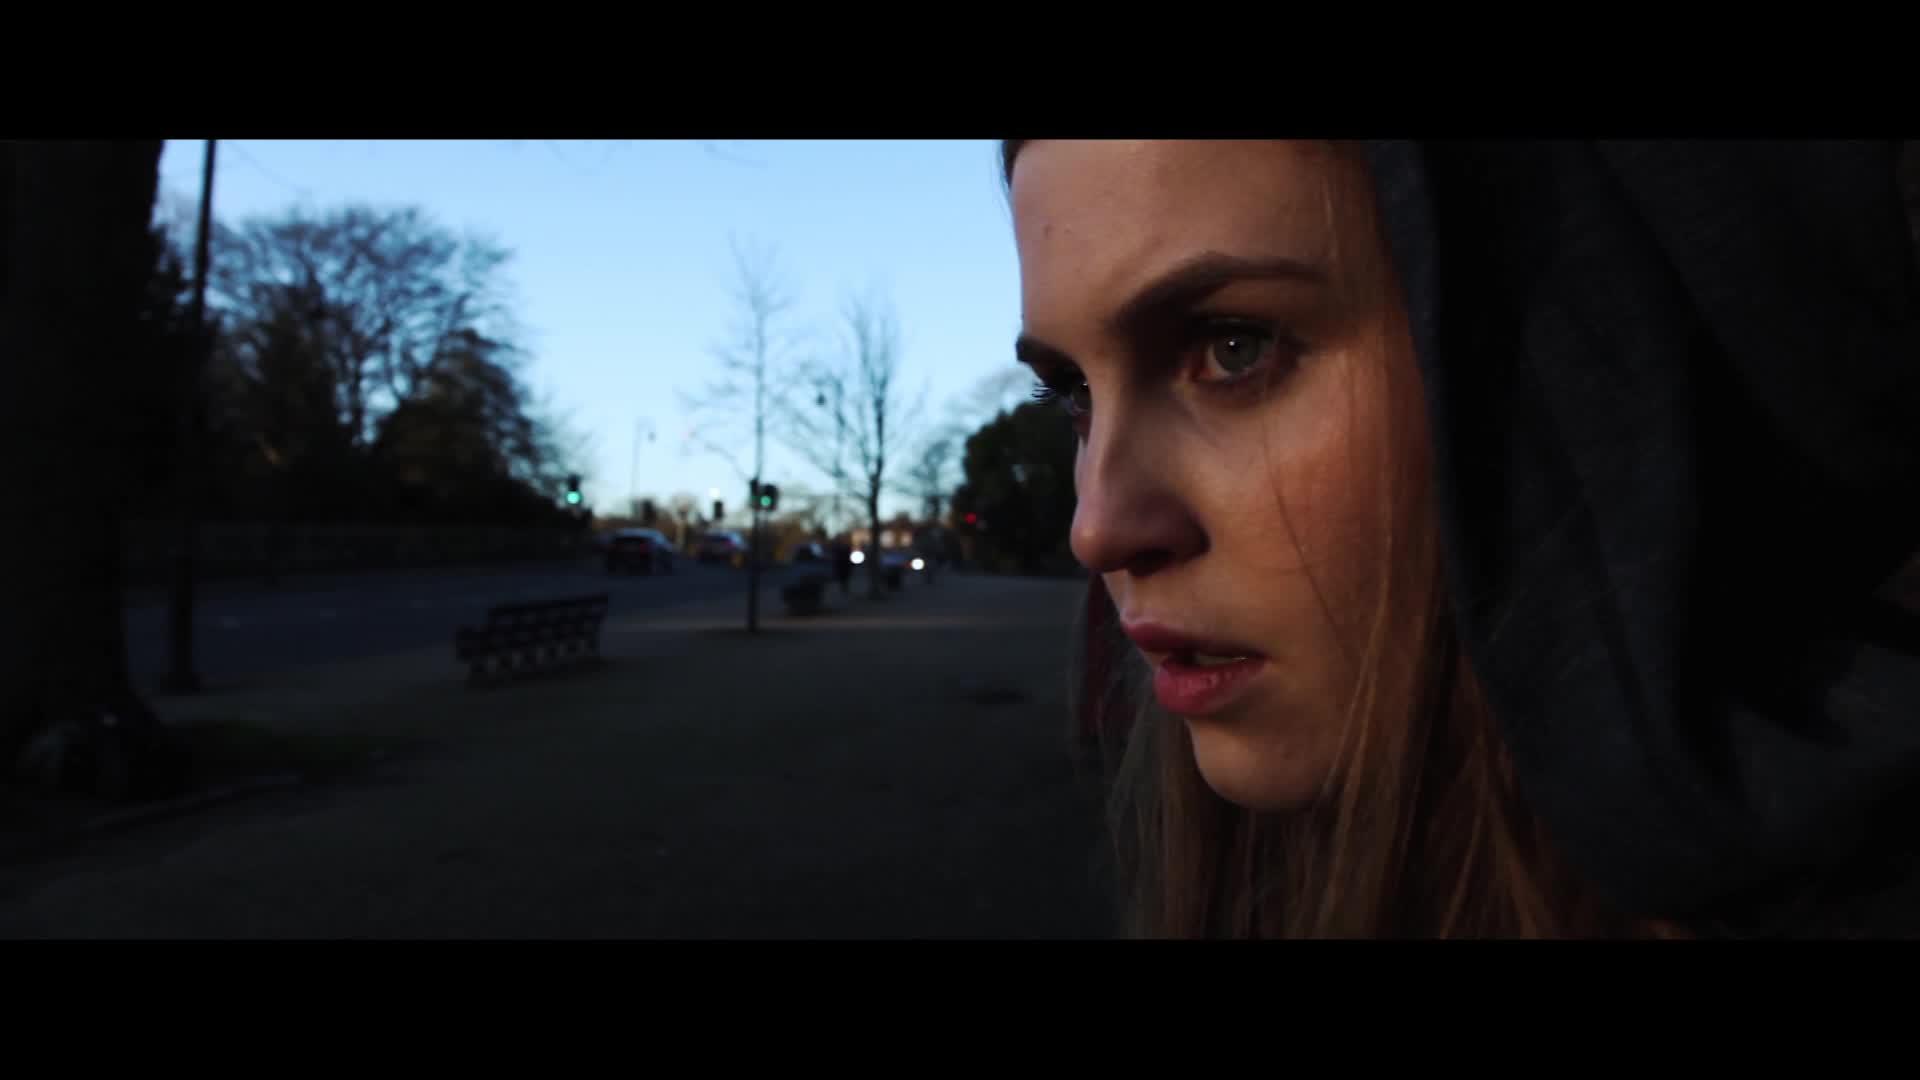 Sophie moone hd видео разместить